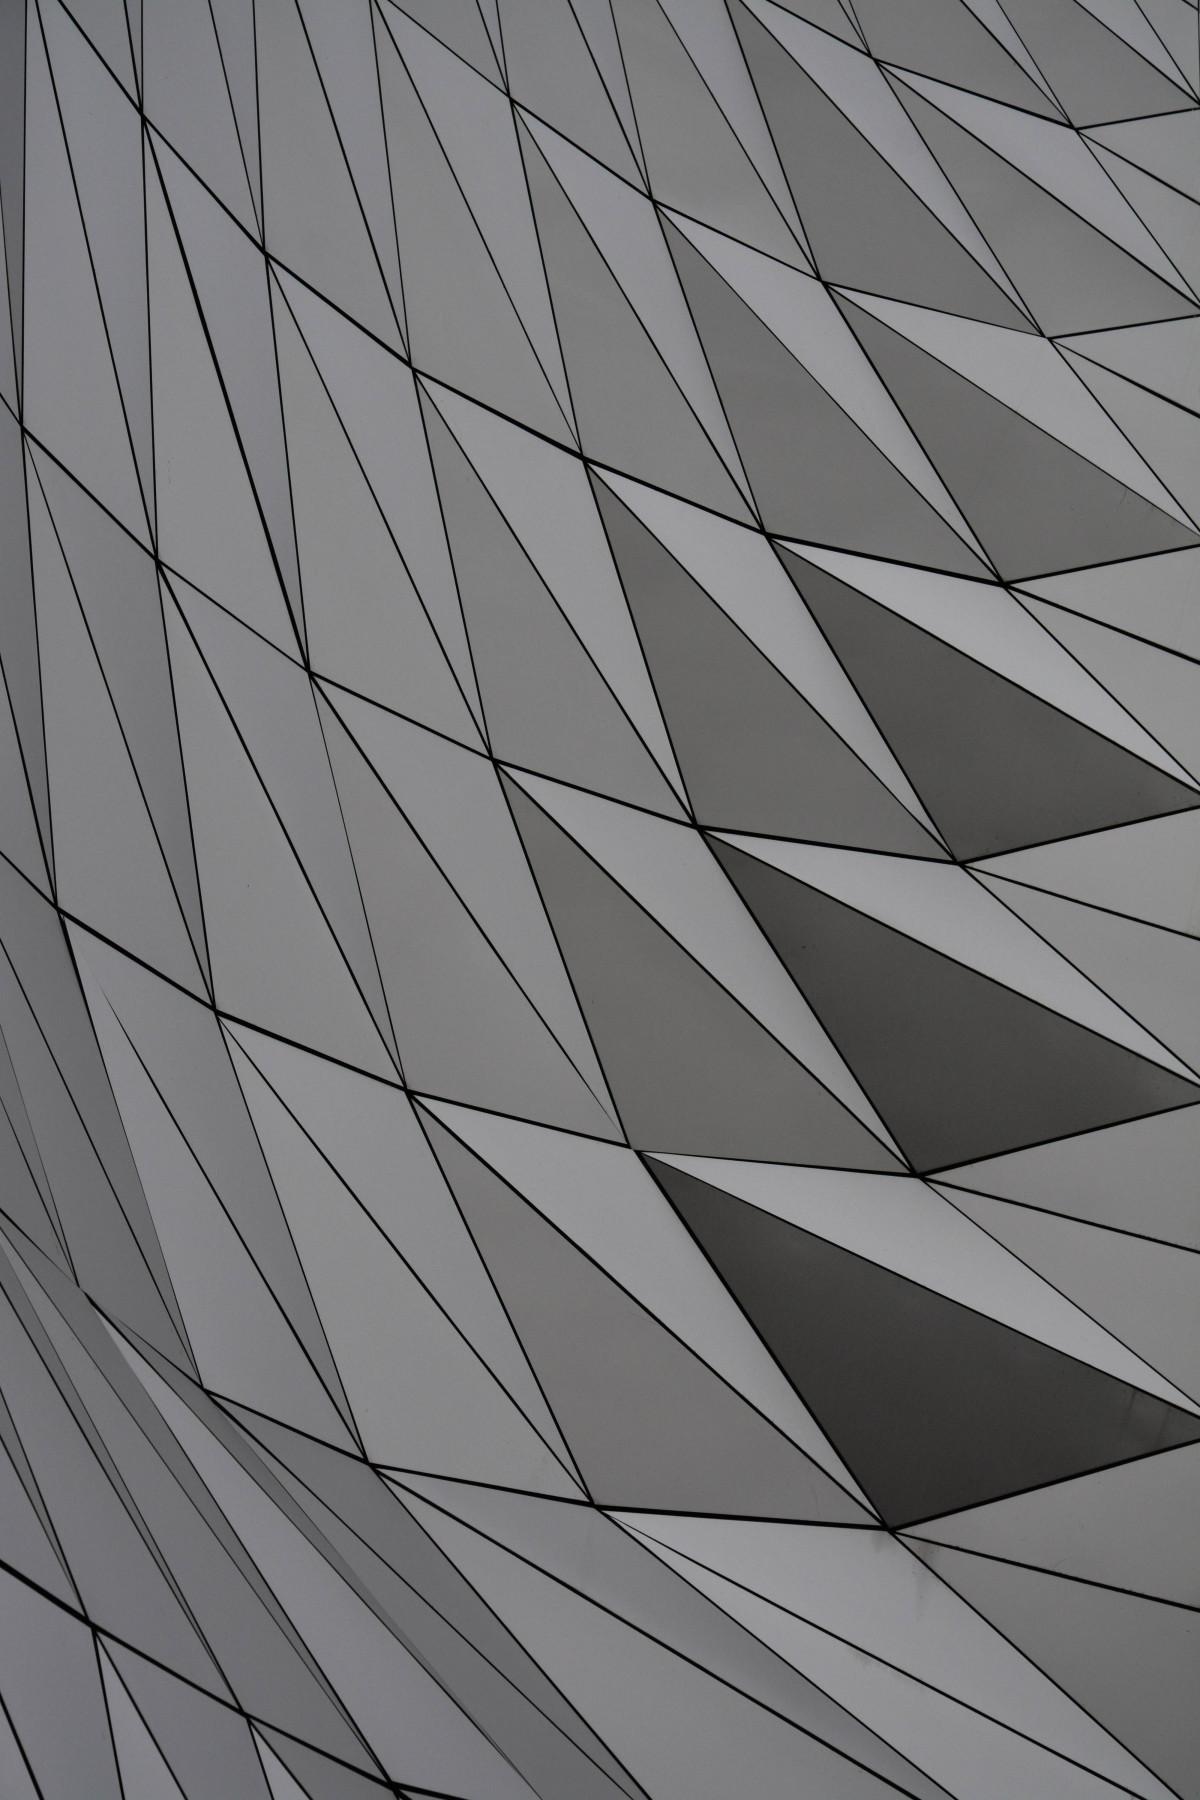 Fotos gratis en blanco y negro arquitectura patr n for Arquitectura en linea gratis